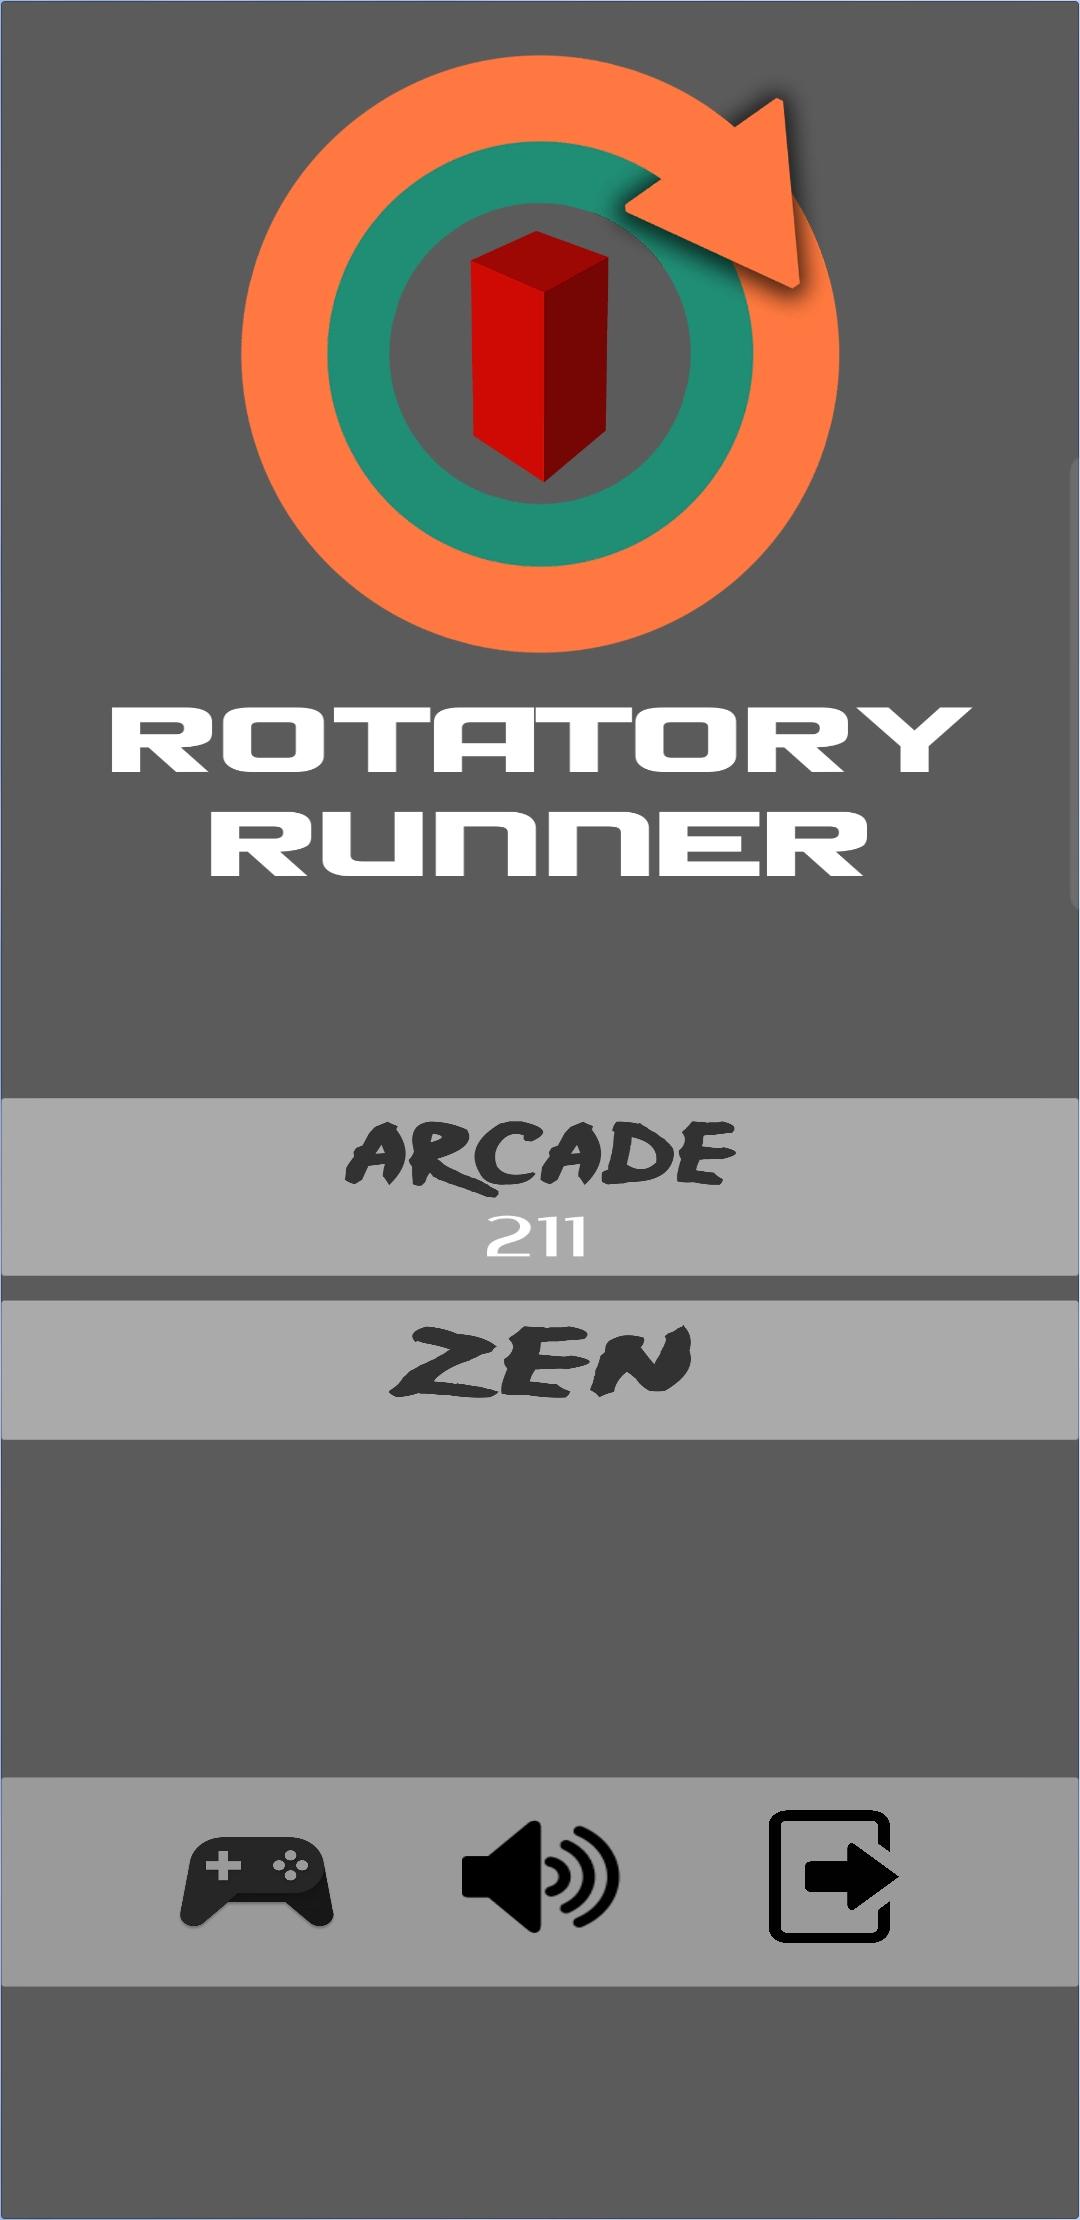 Rotatory Runner